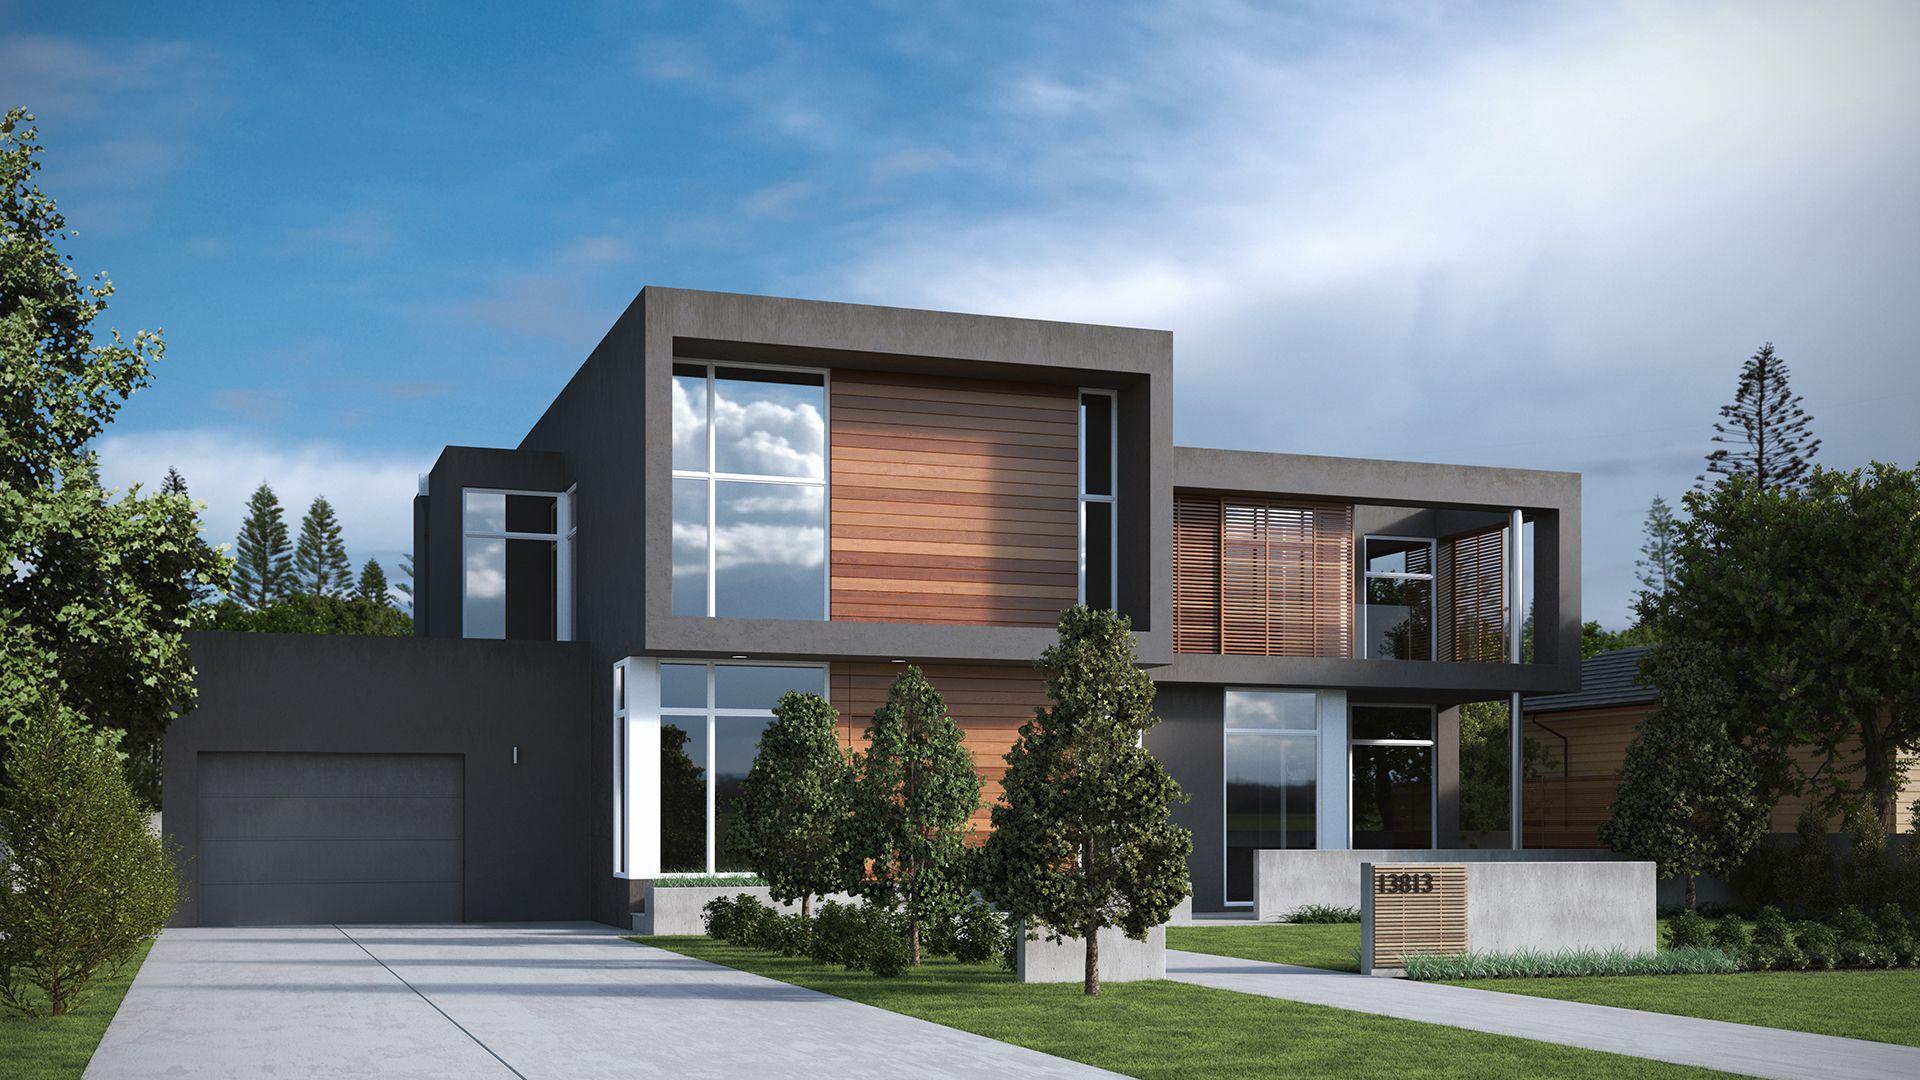 Rendering 3d per la progettazione di casa unifamigliare rendering 3d fotorealistici esterni - Progettazione esterni casa ...